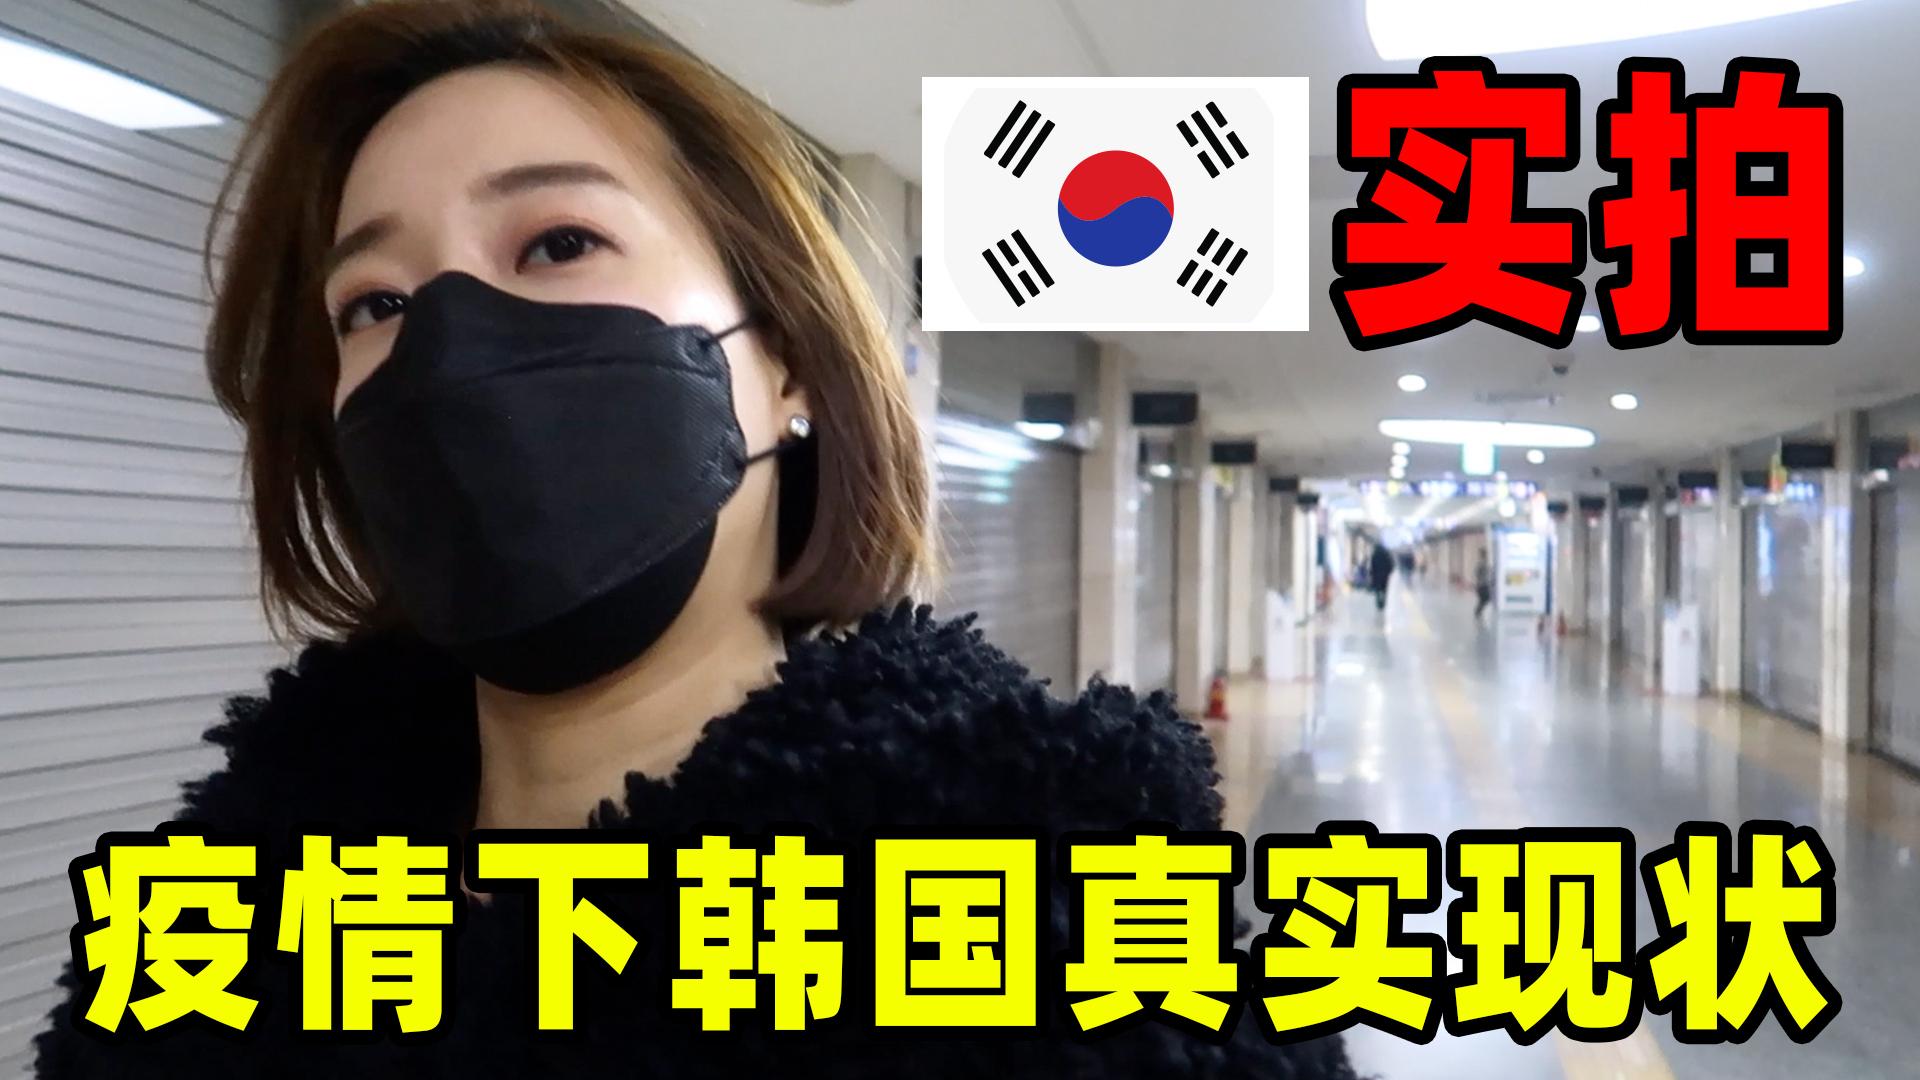 实拍!韩国疫情爆发后的真实现状!比想象中更严重?